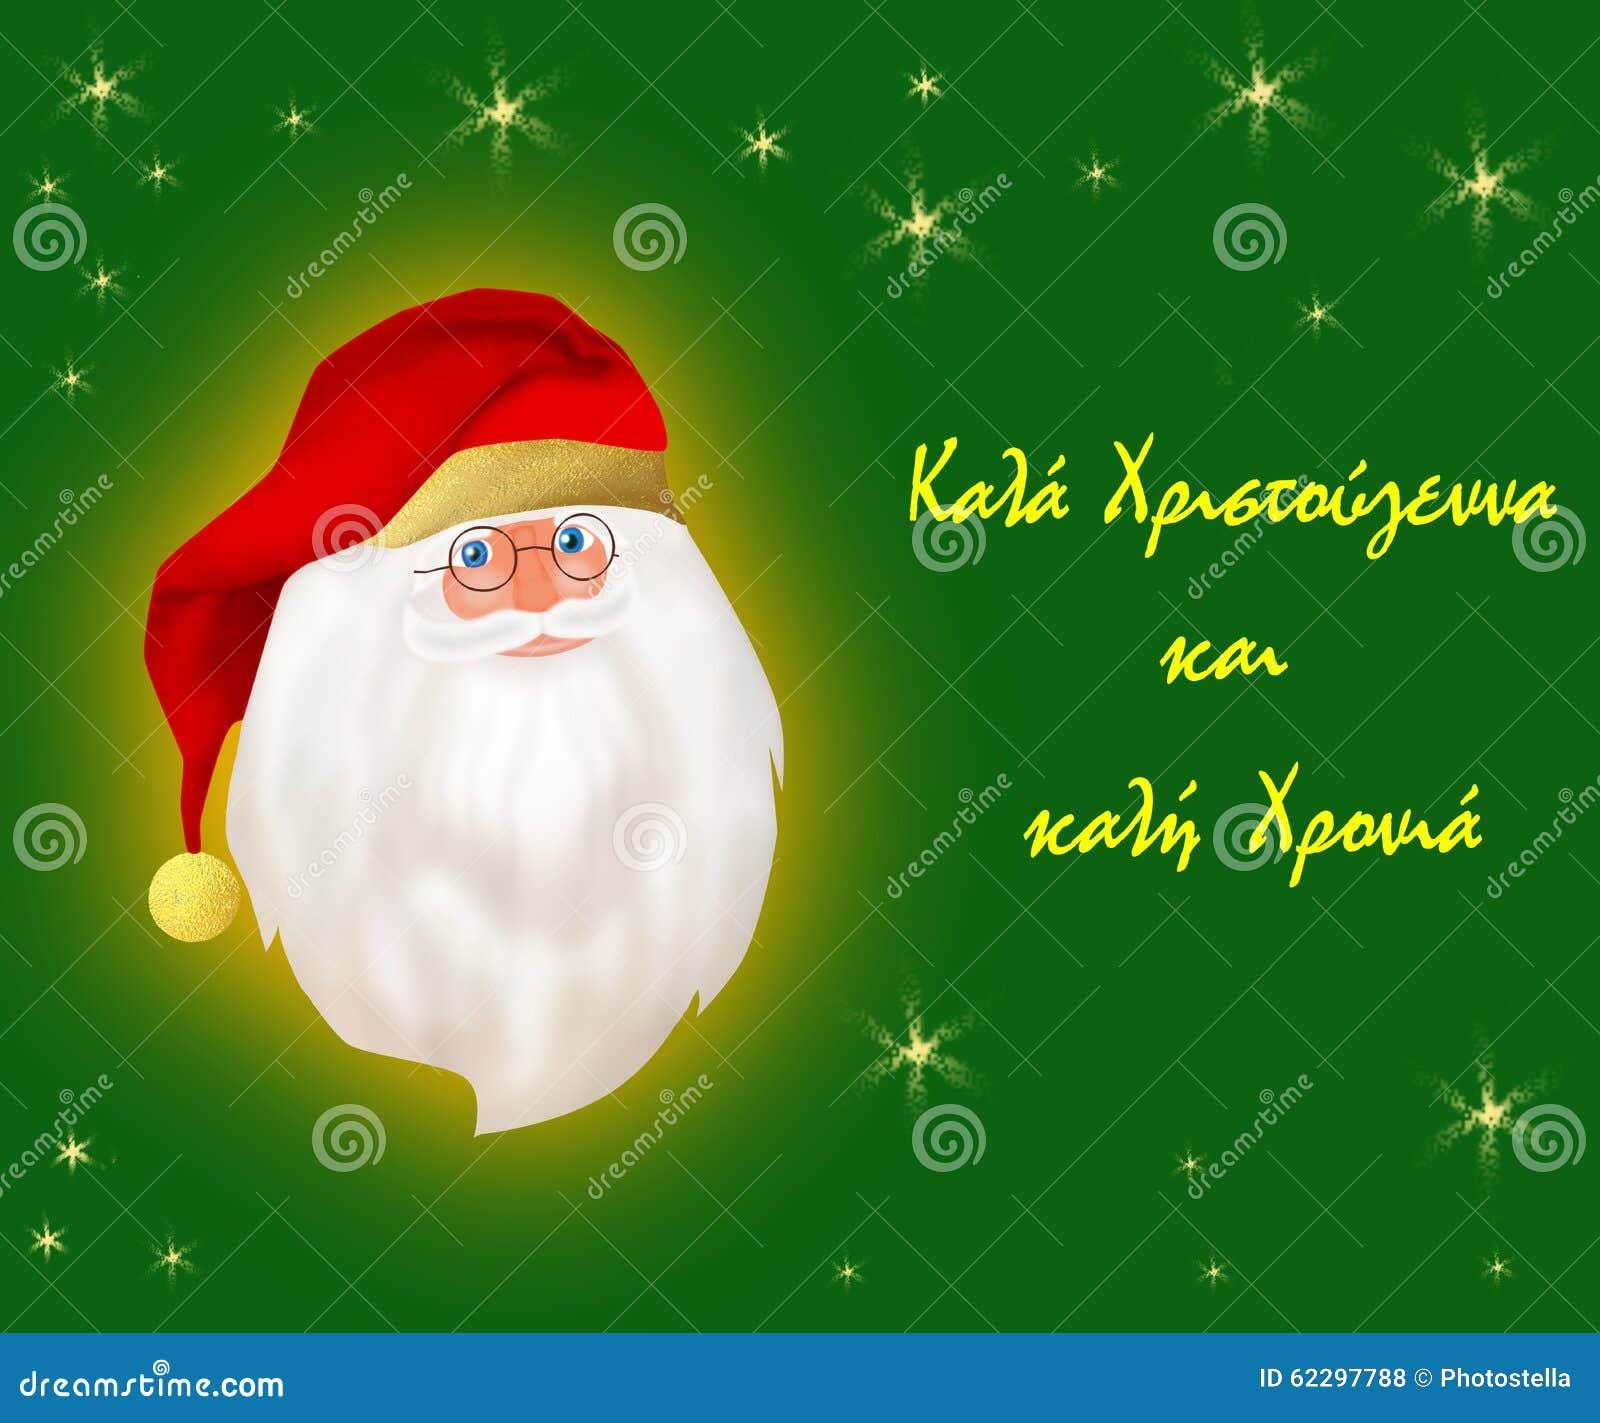 Buon Natale In Greco.Cartolina Di Natale Greca Illustrazione Di Stock Illustrazione Di Cartolina 62297788